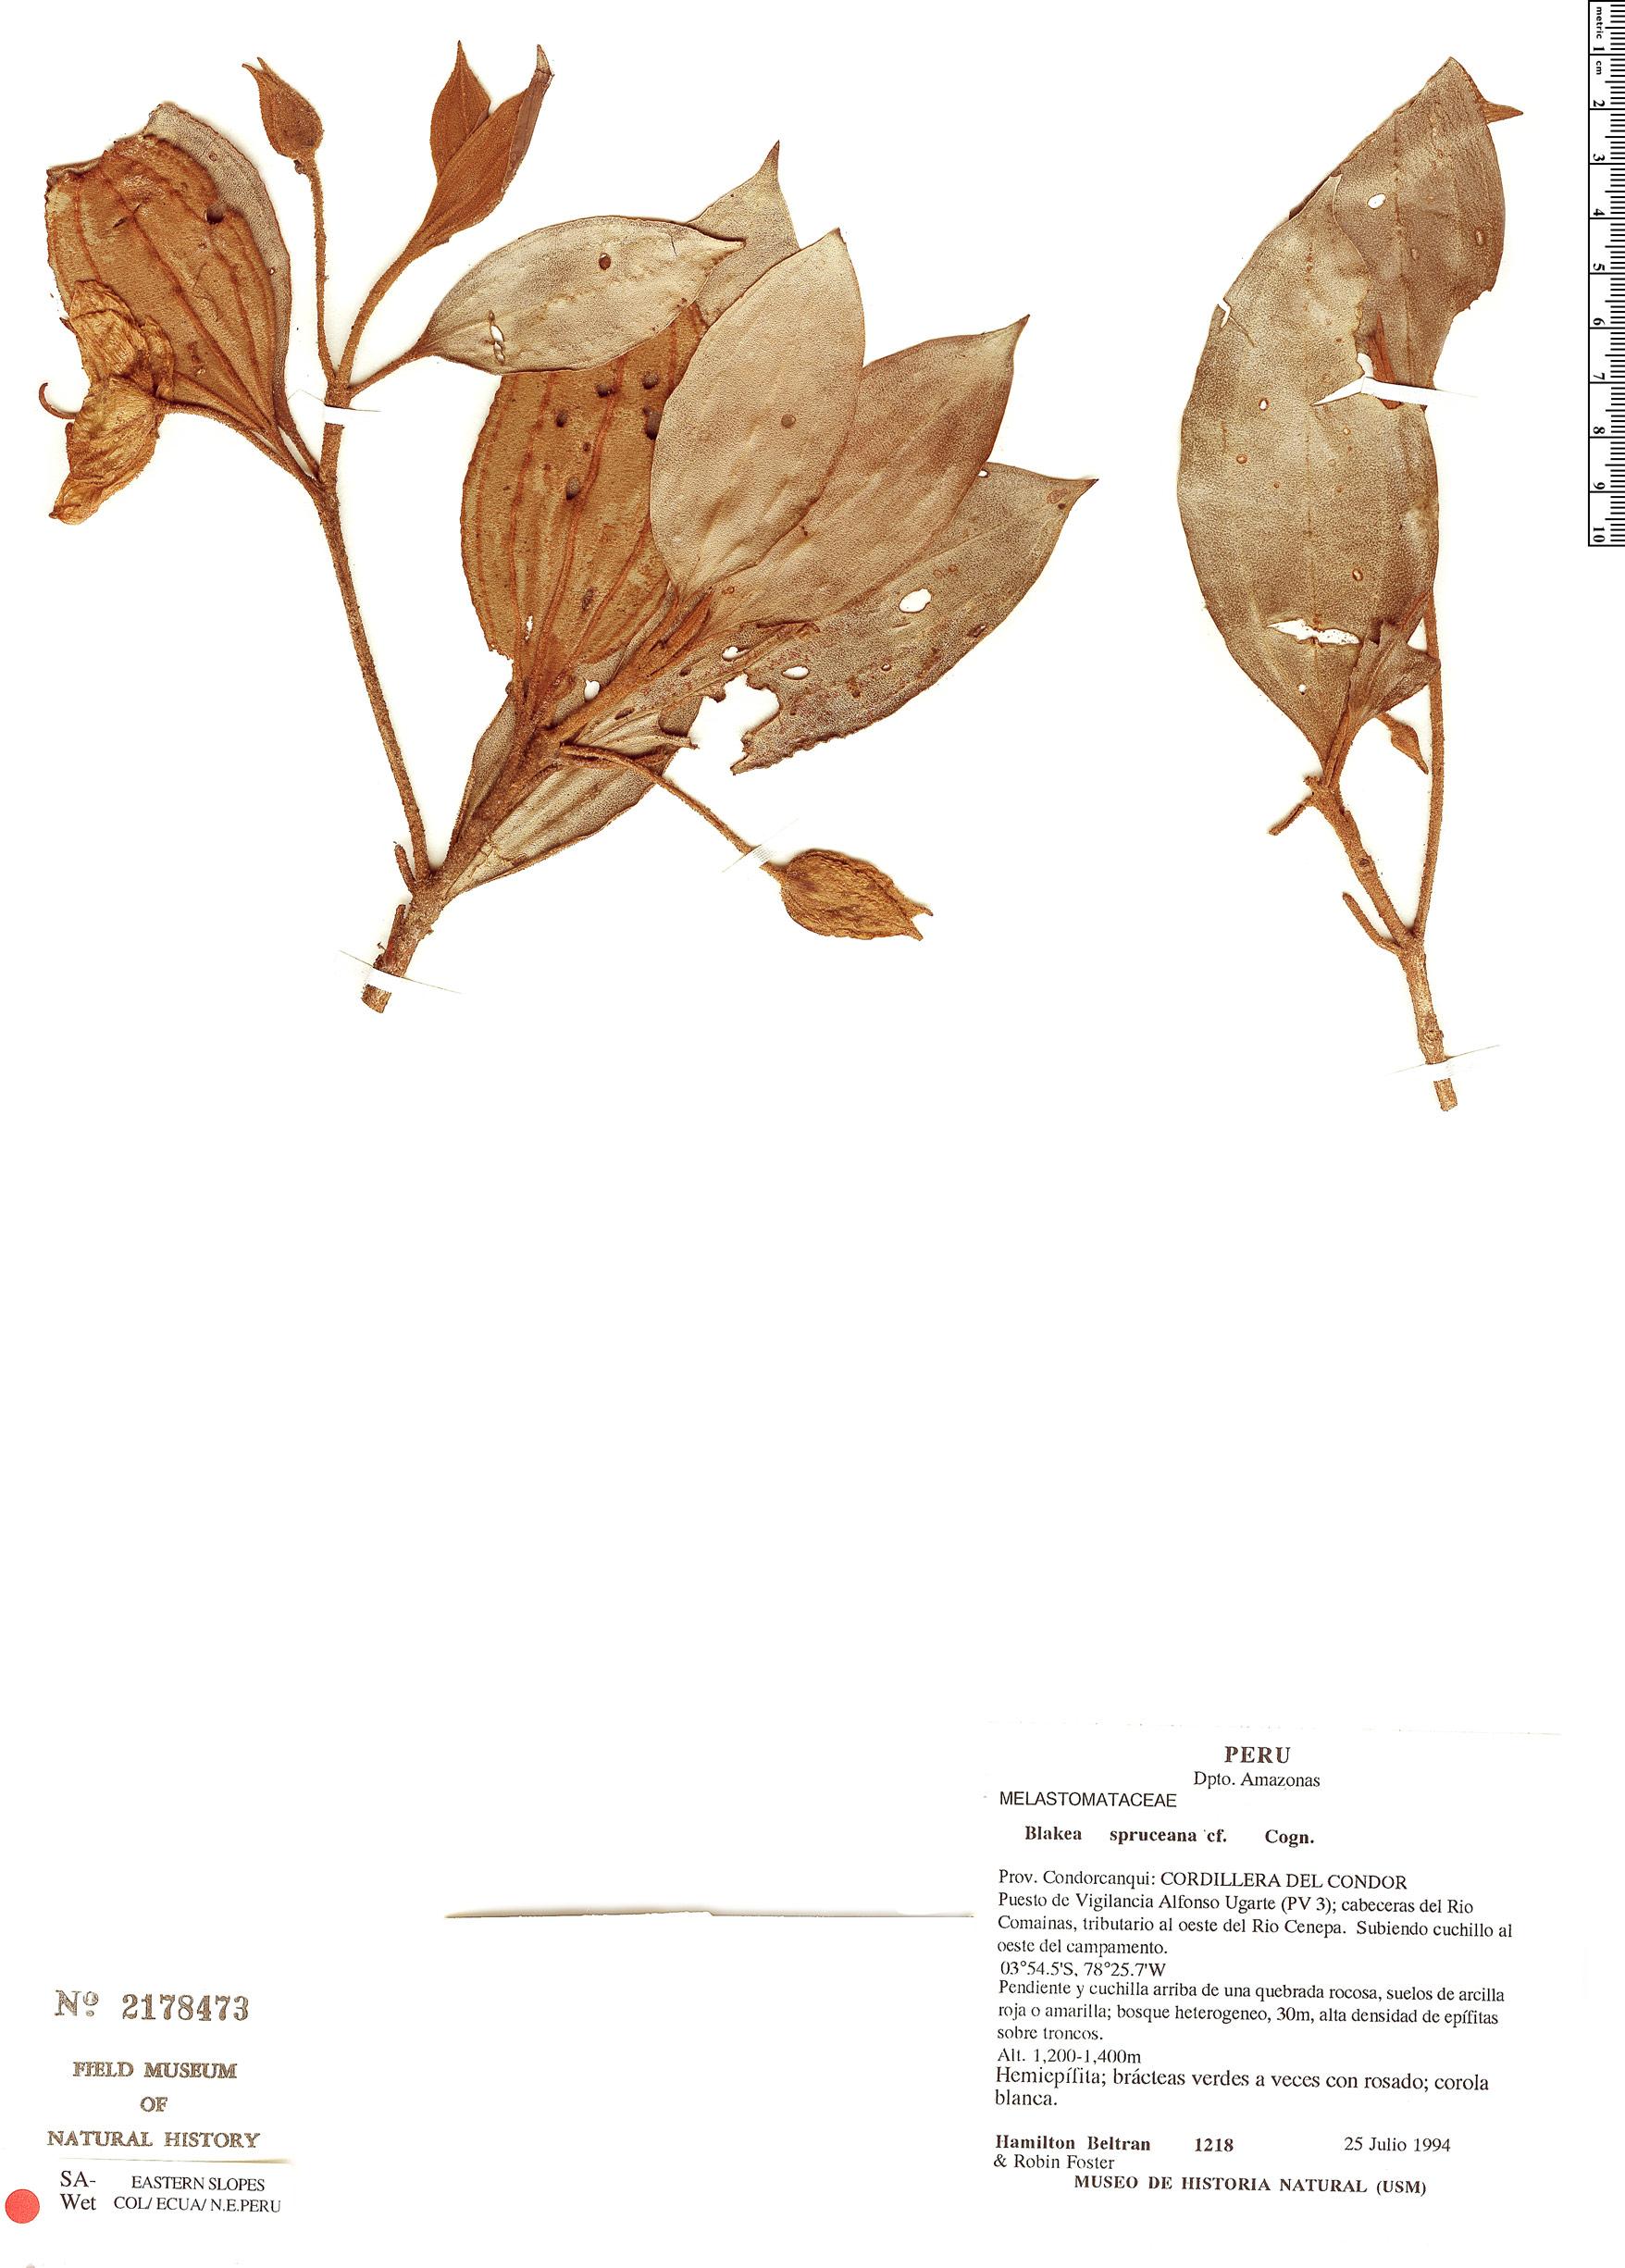 Specimen: Blakea spruceana